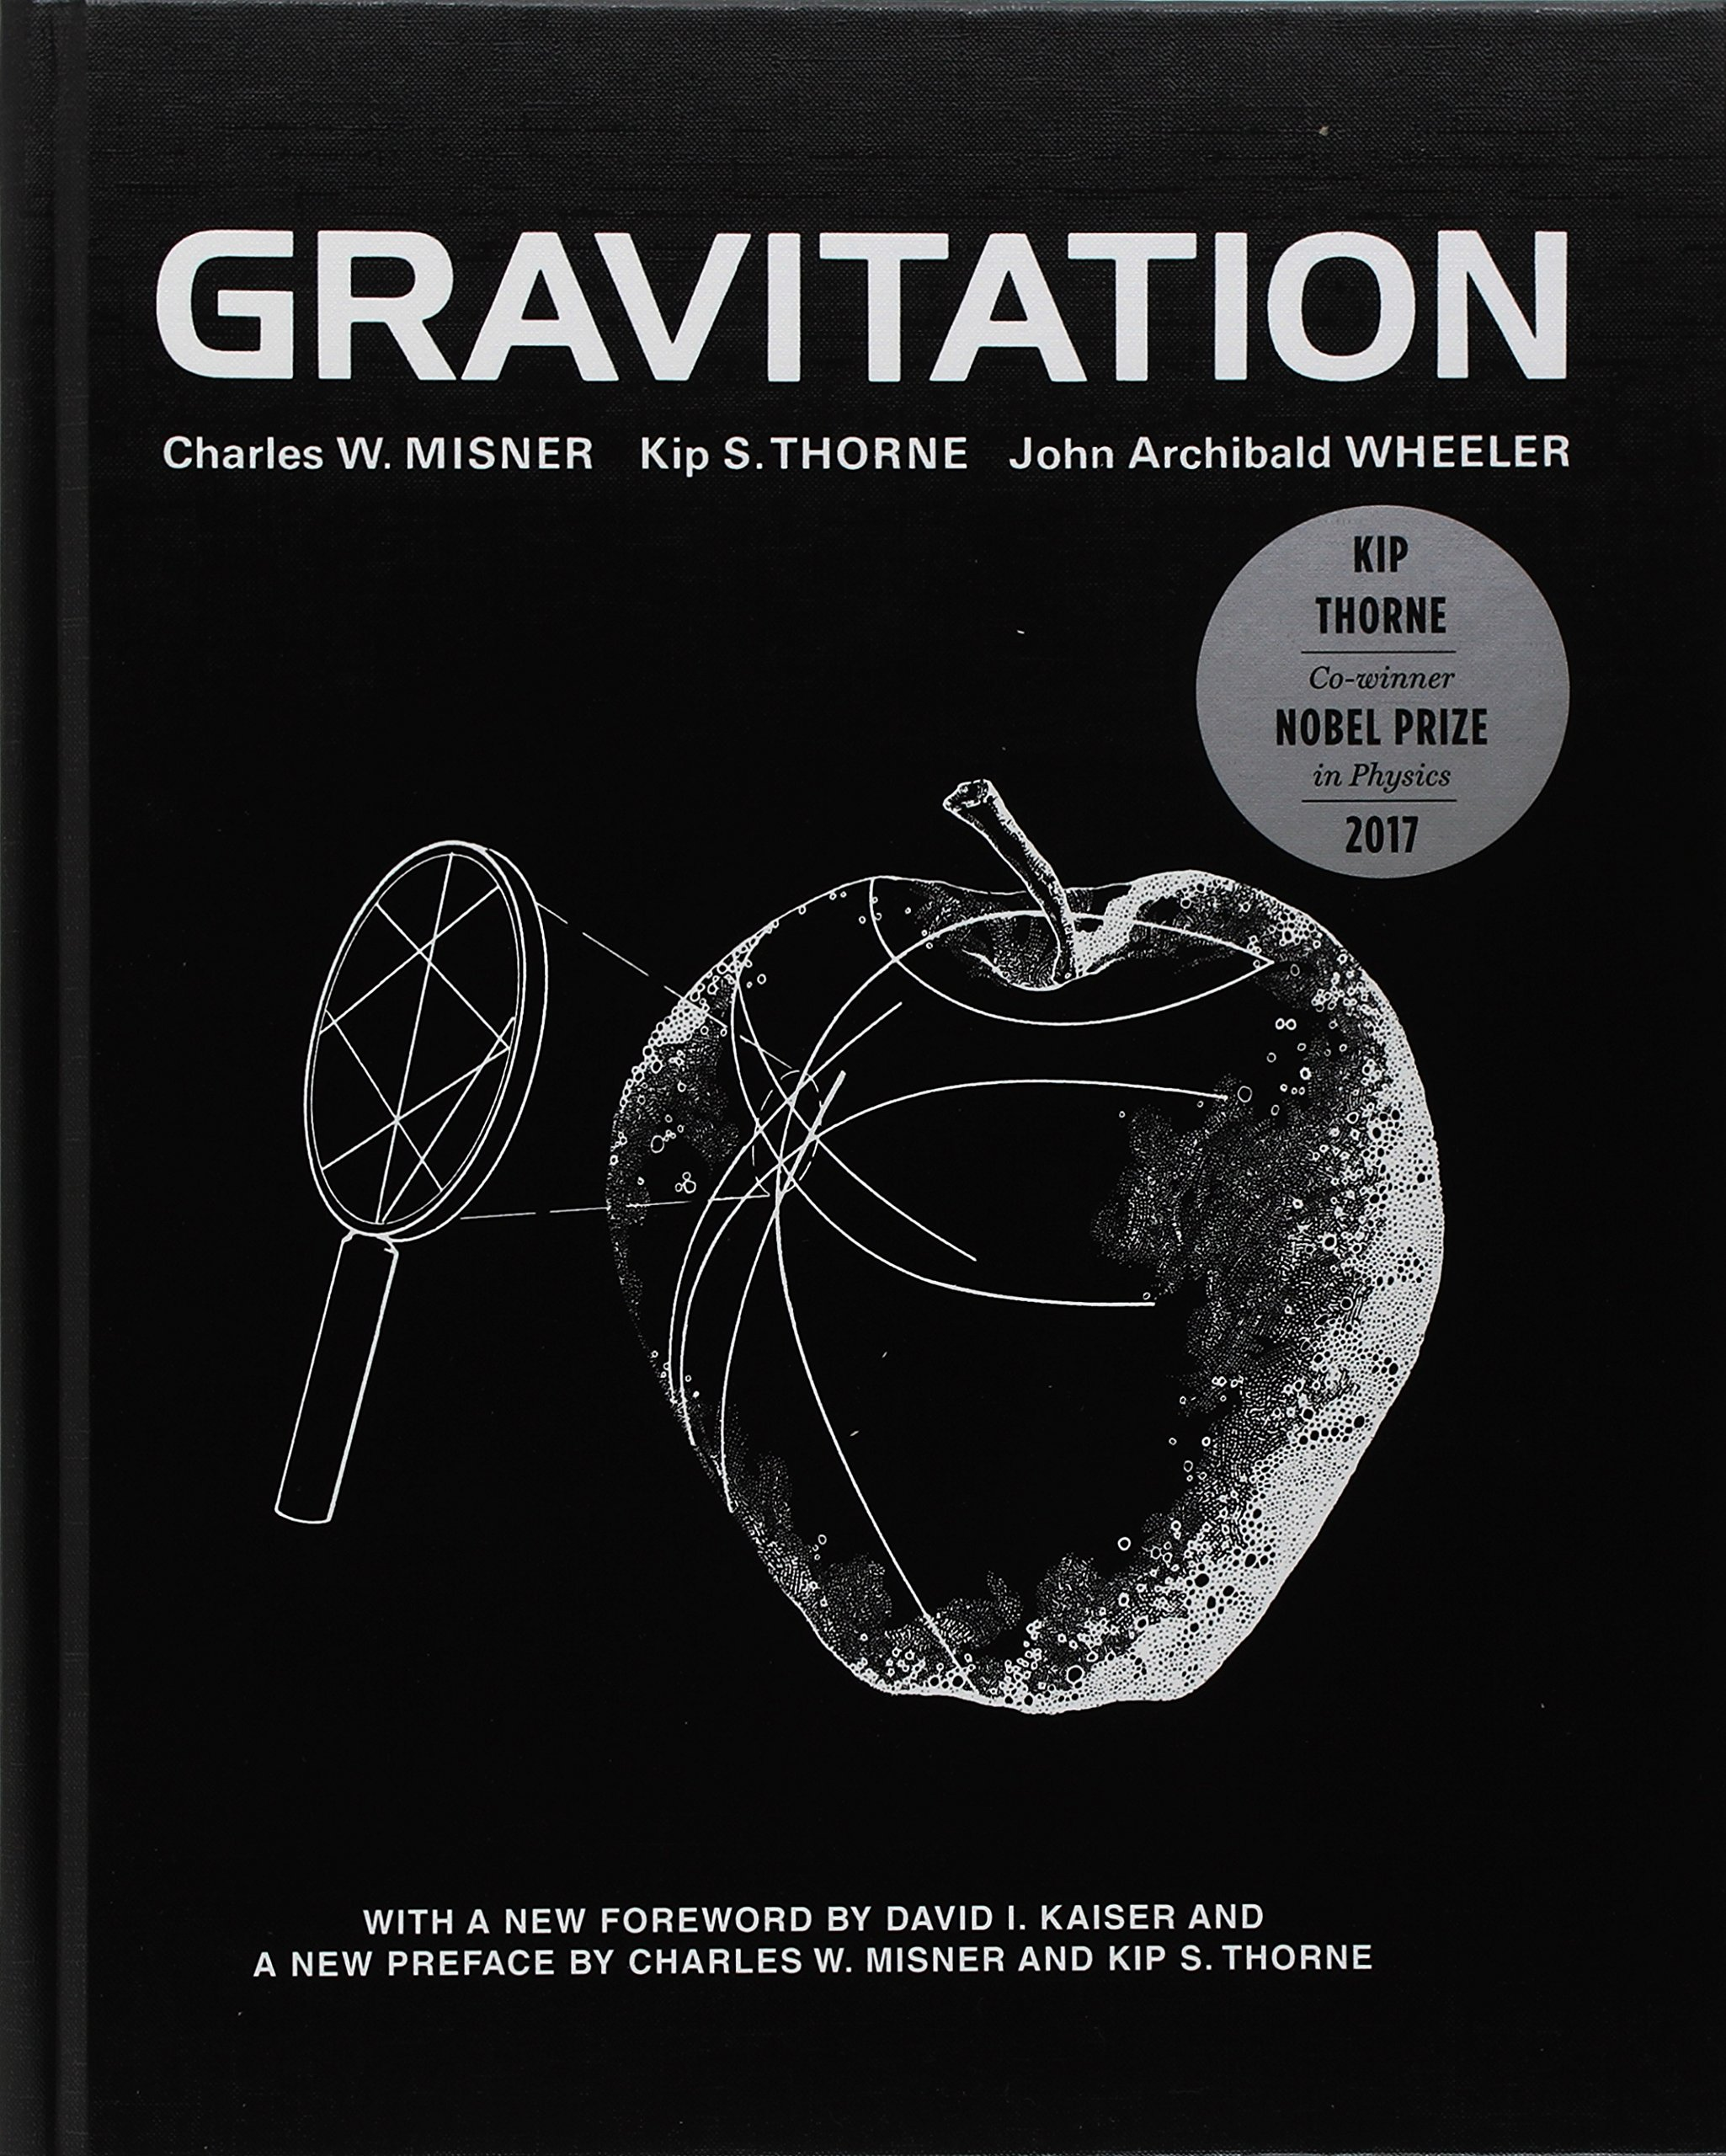 Gravitation by Princeton University Press